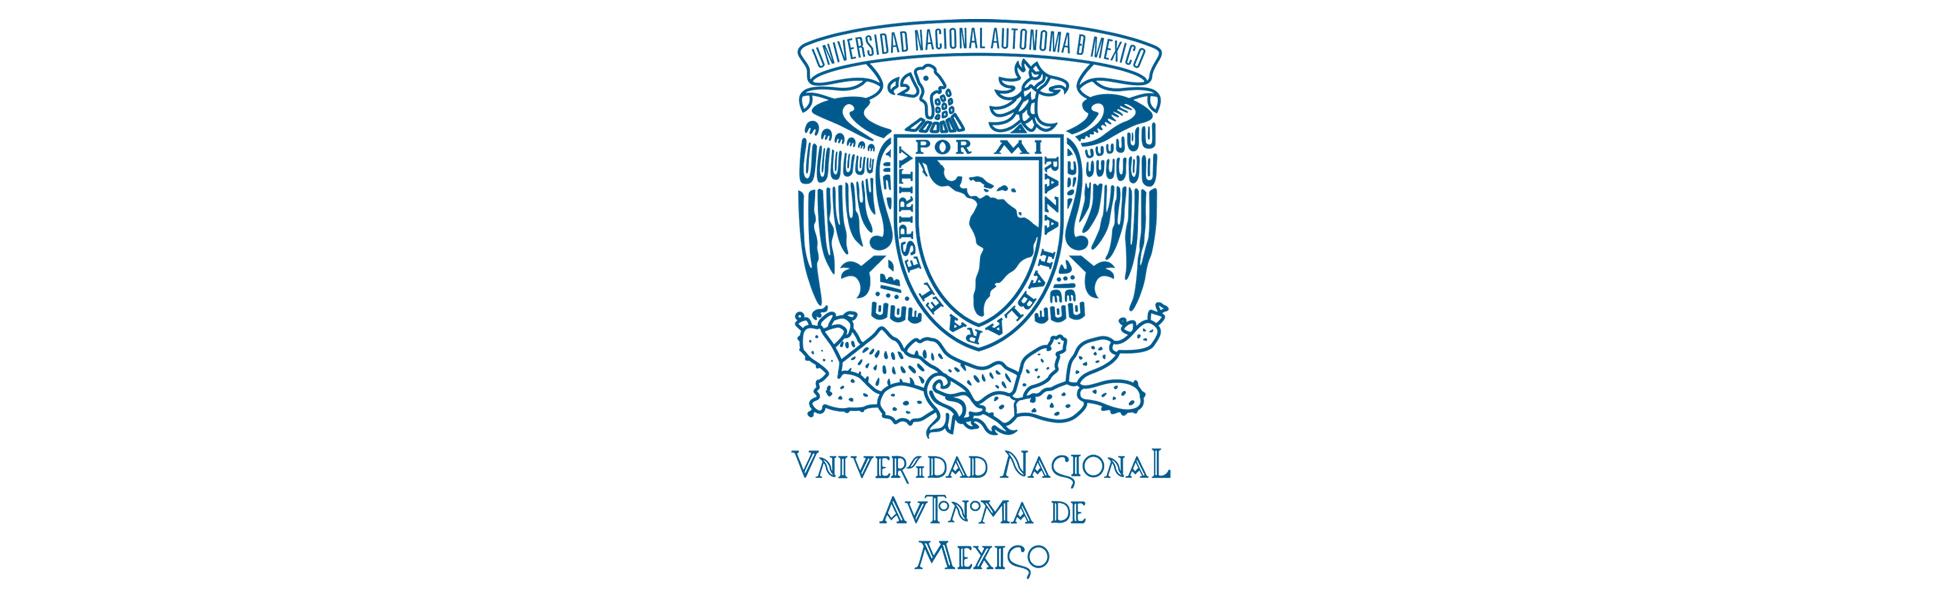 MÉXICO DEBE ESTAR SEGURO DE QUE CUENTA CON LA UNIVERSIDAD DE LA NACIÓN